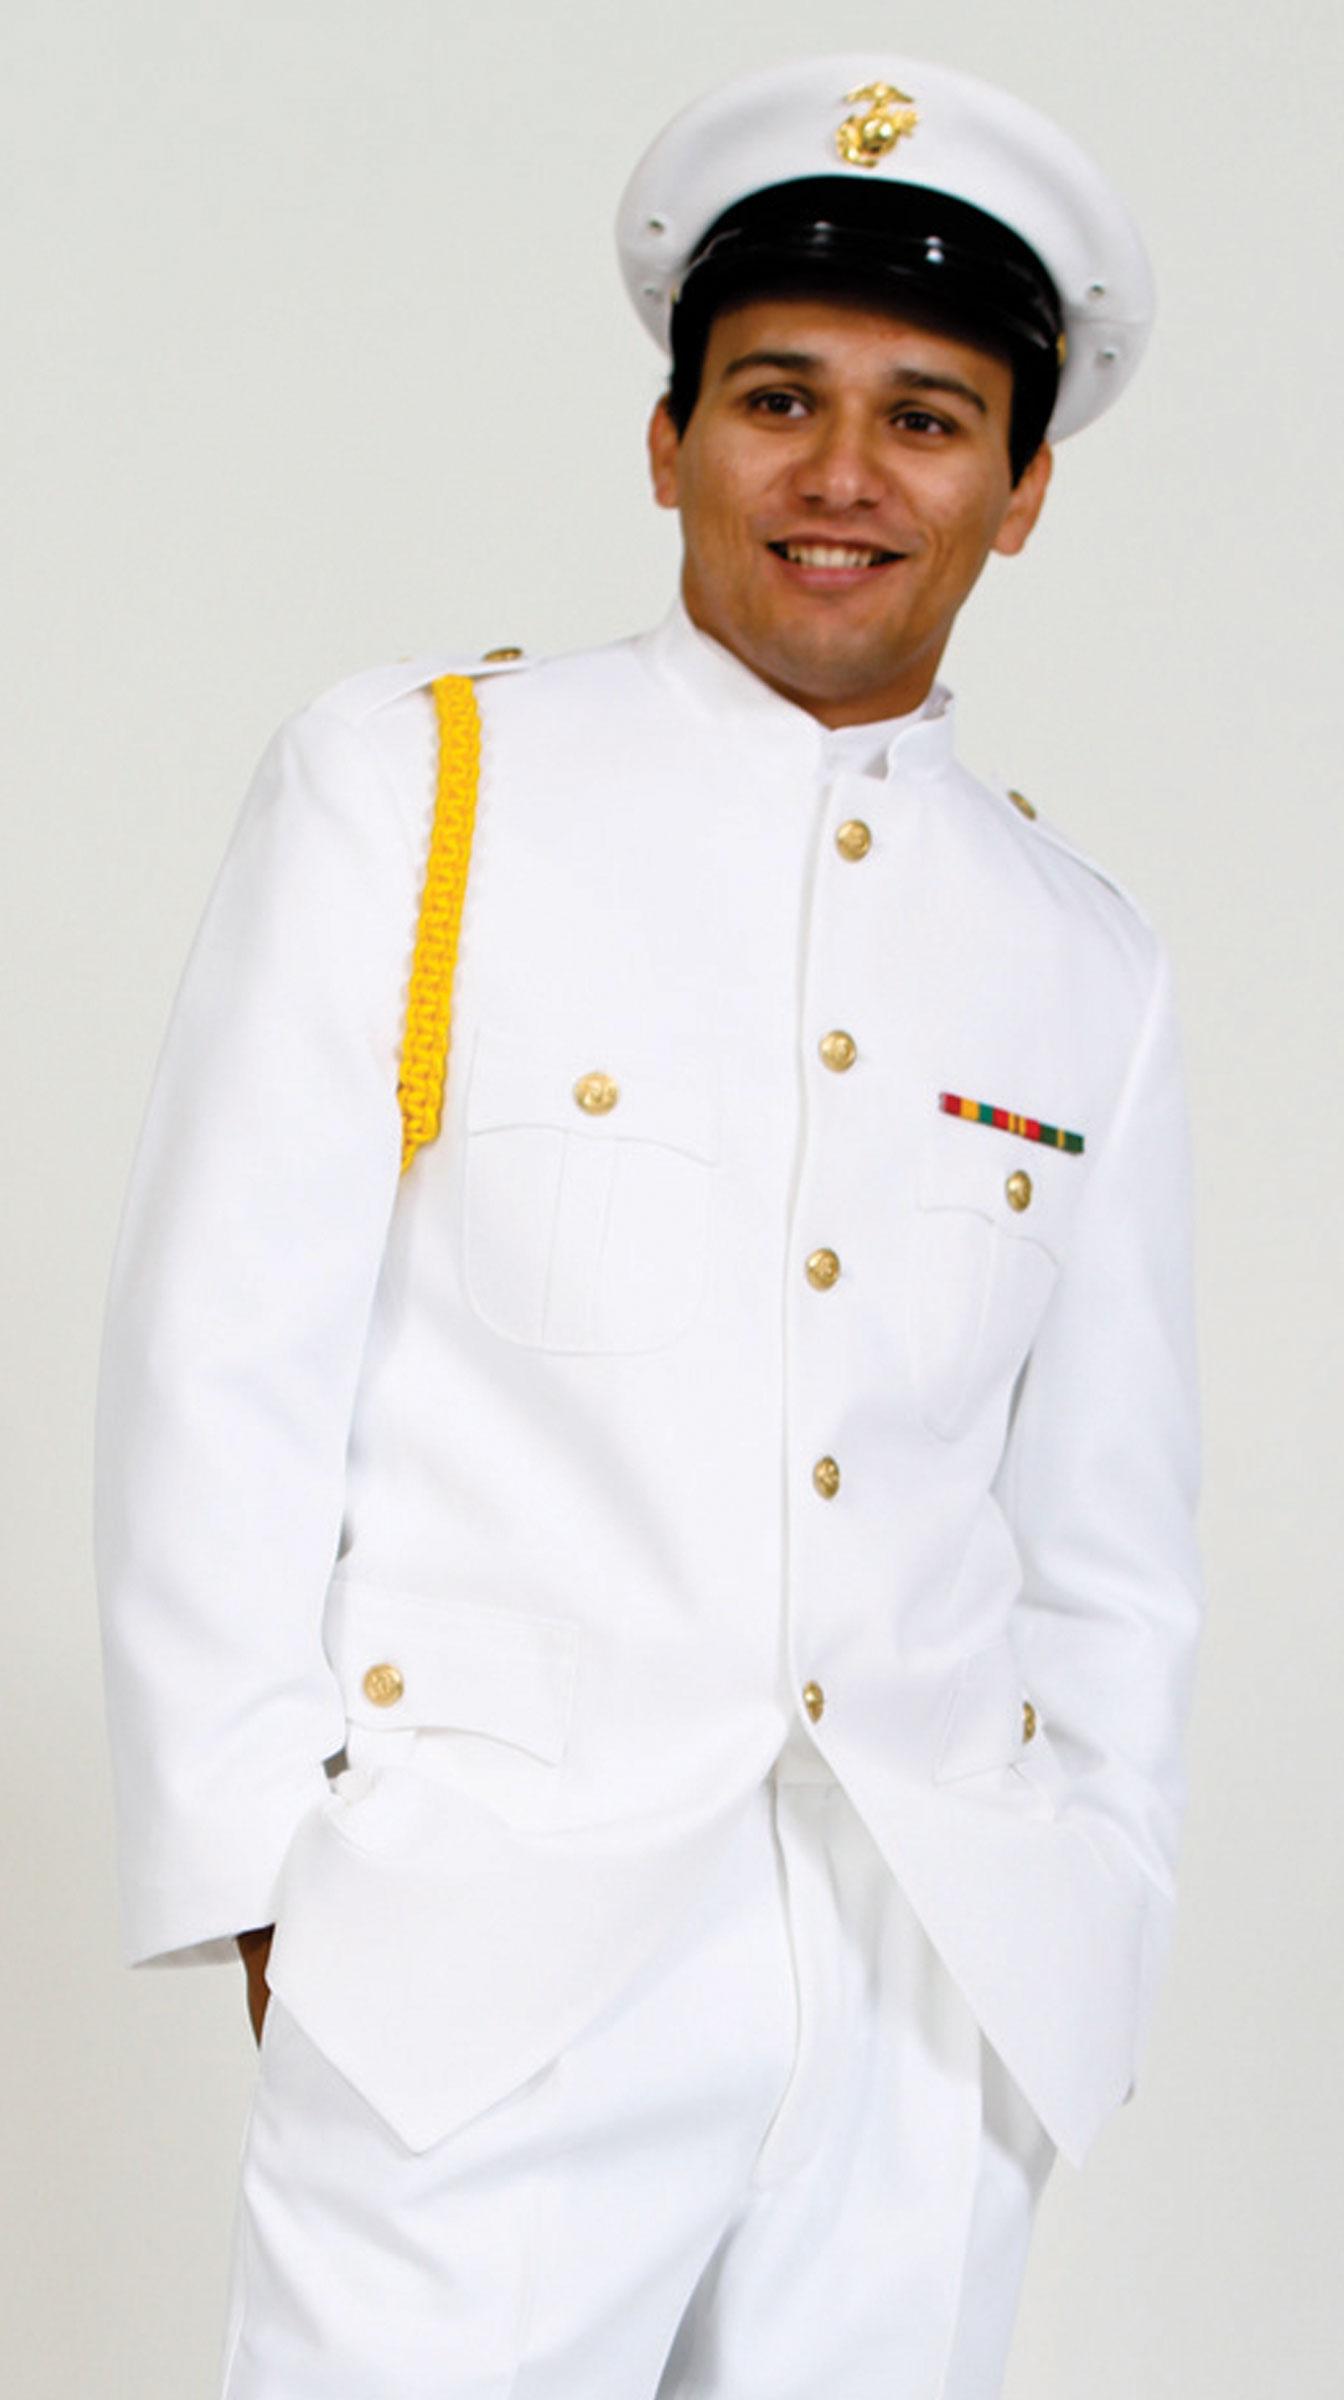 Andrew Fezza - White Cadet